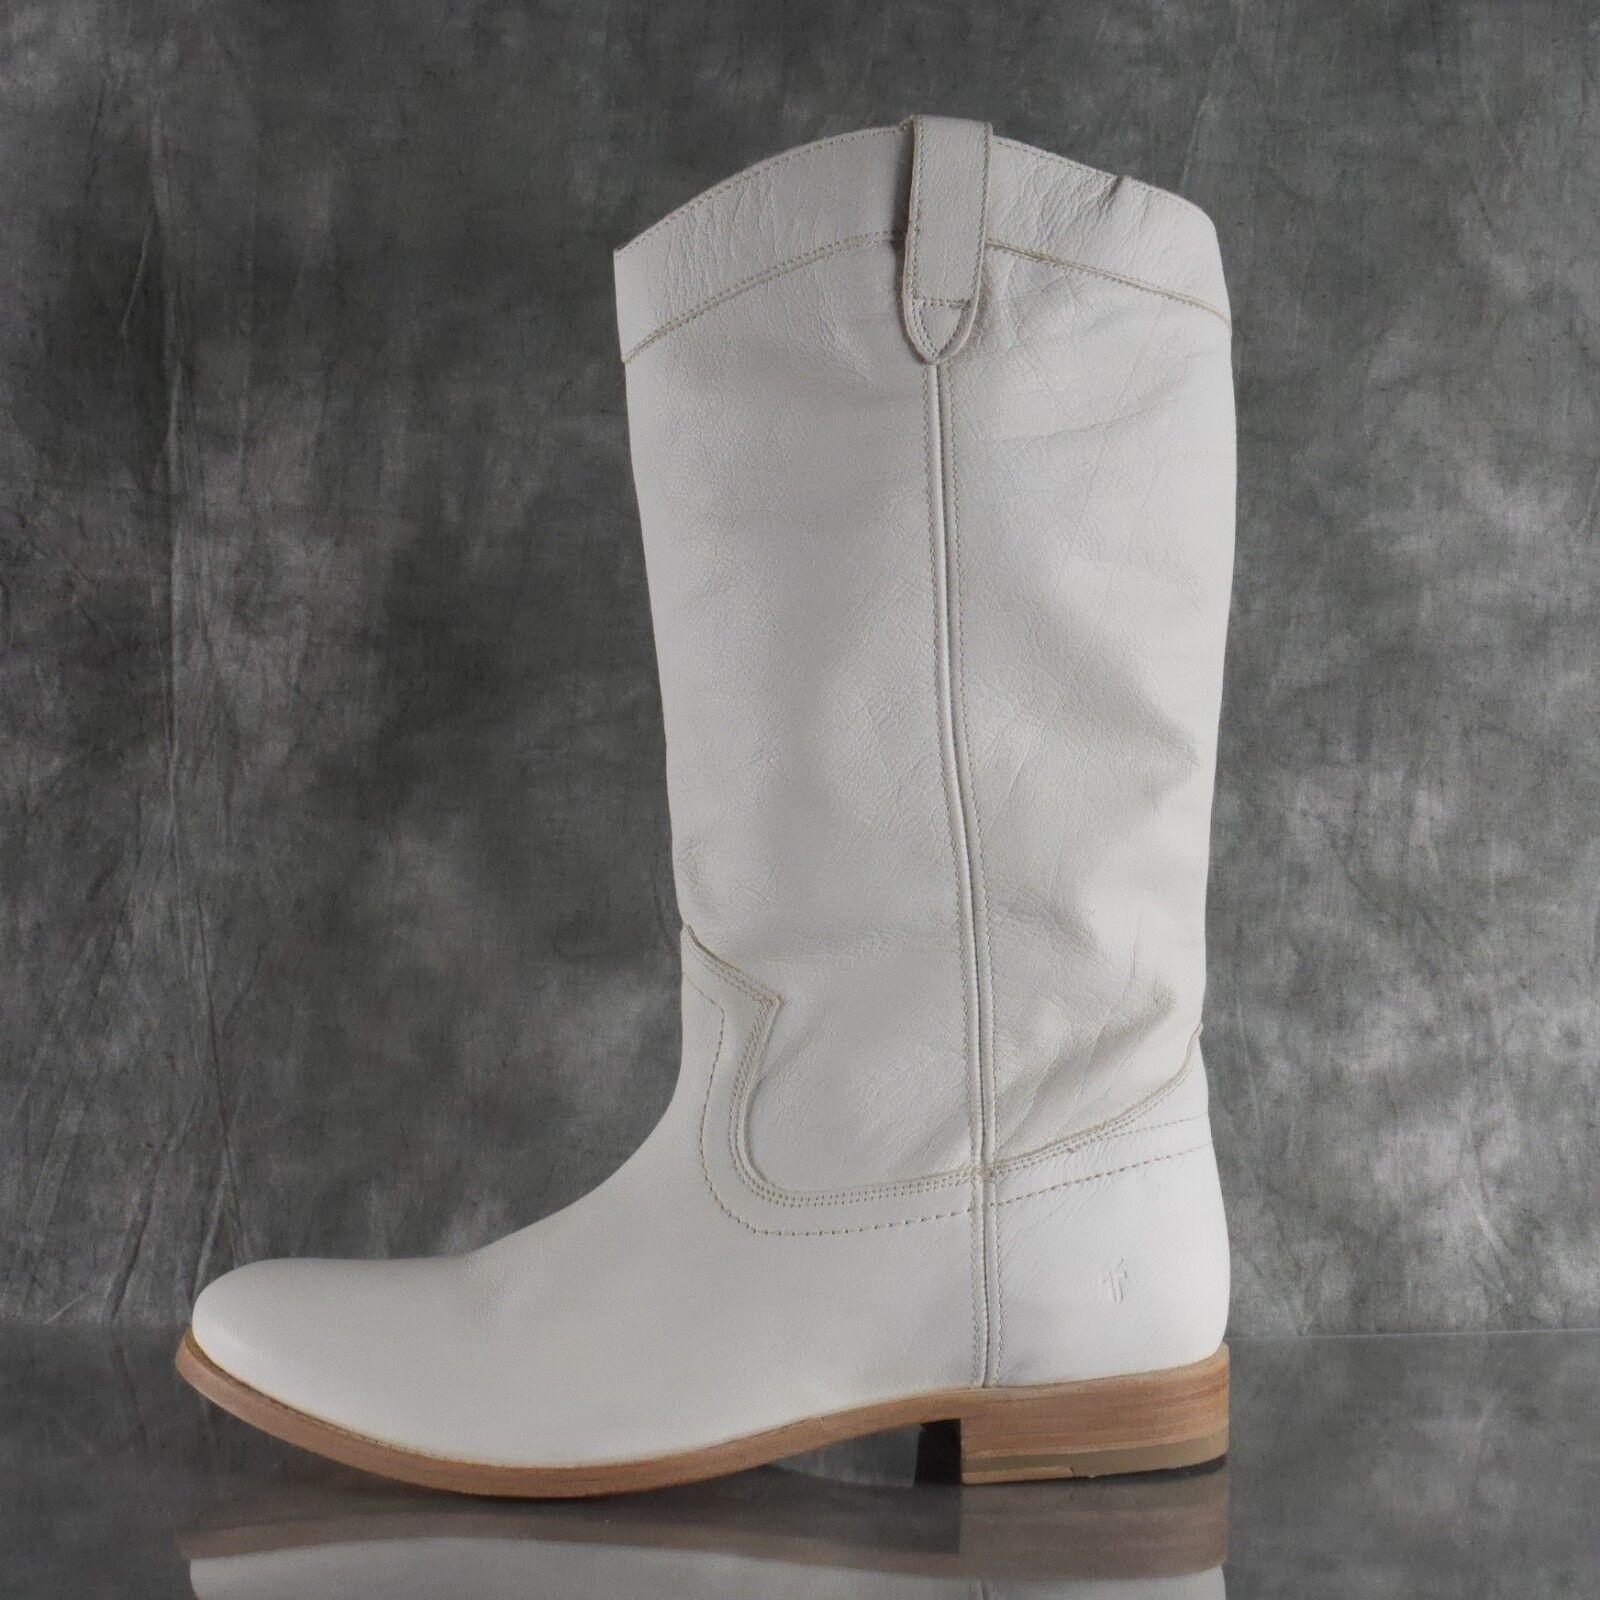 adfc54c667e3b0 NIB Frye MELISSA Weiß Leather Pull On On Pull ROPER Stiefel 71385 damen  Größe 11 M ANB 9e1027